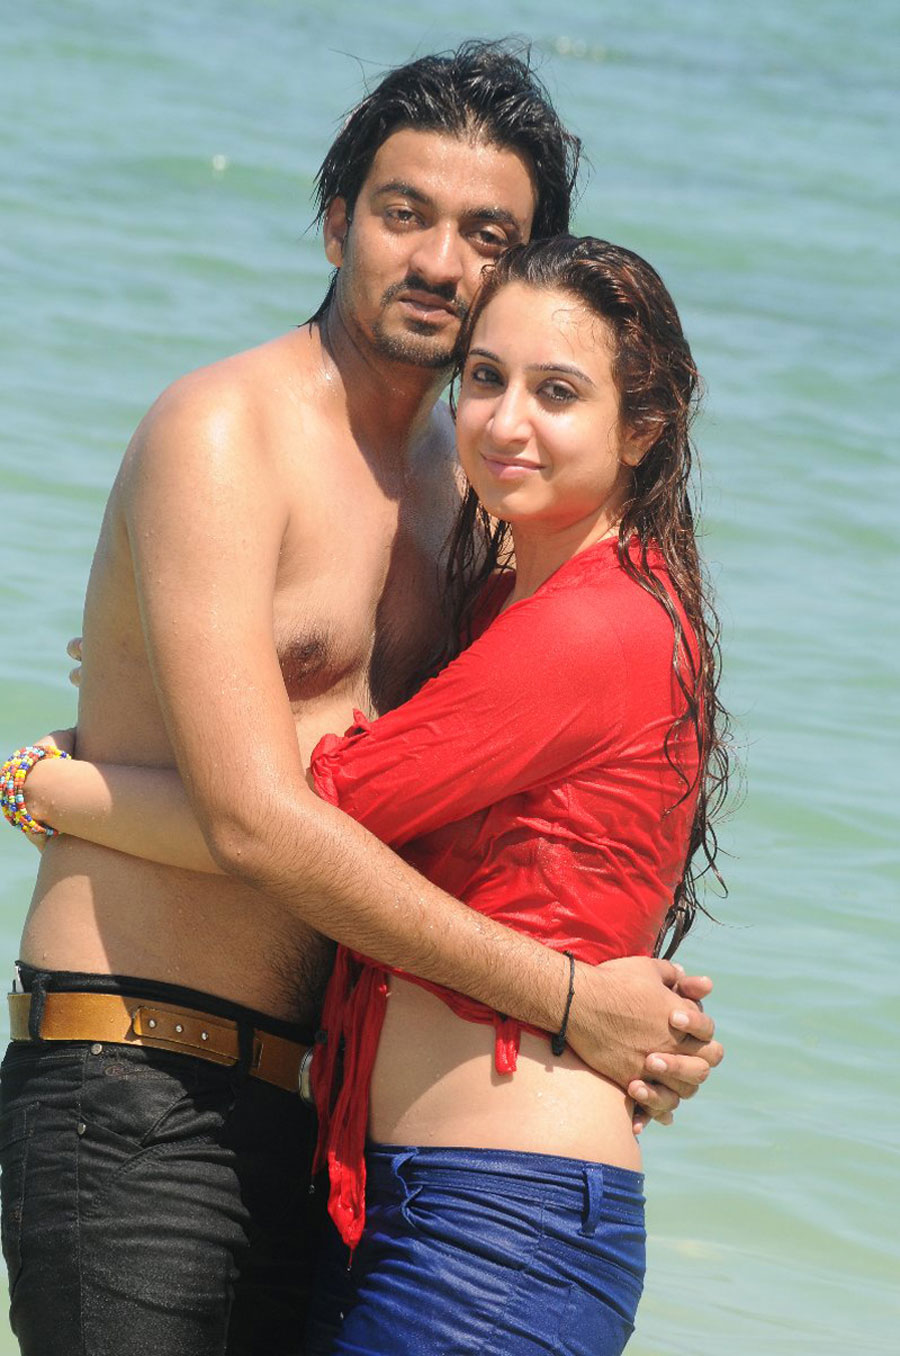 Naalu perum romba nallavanga wet look new movie stills